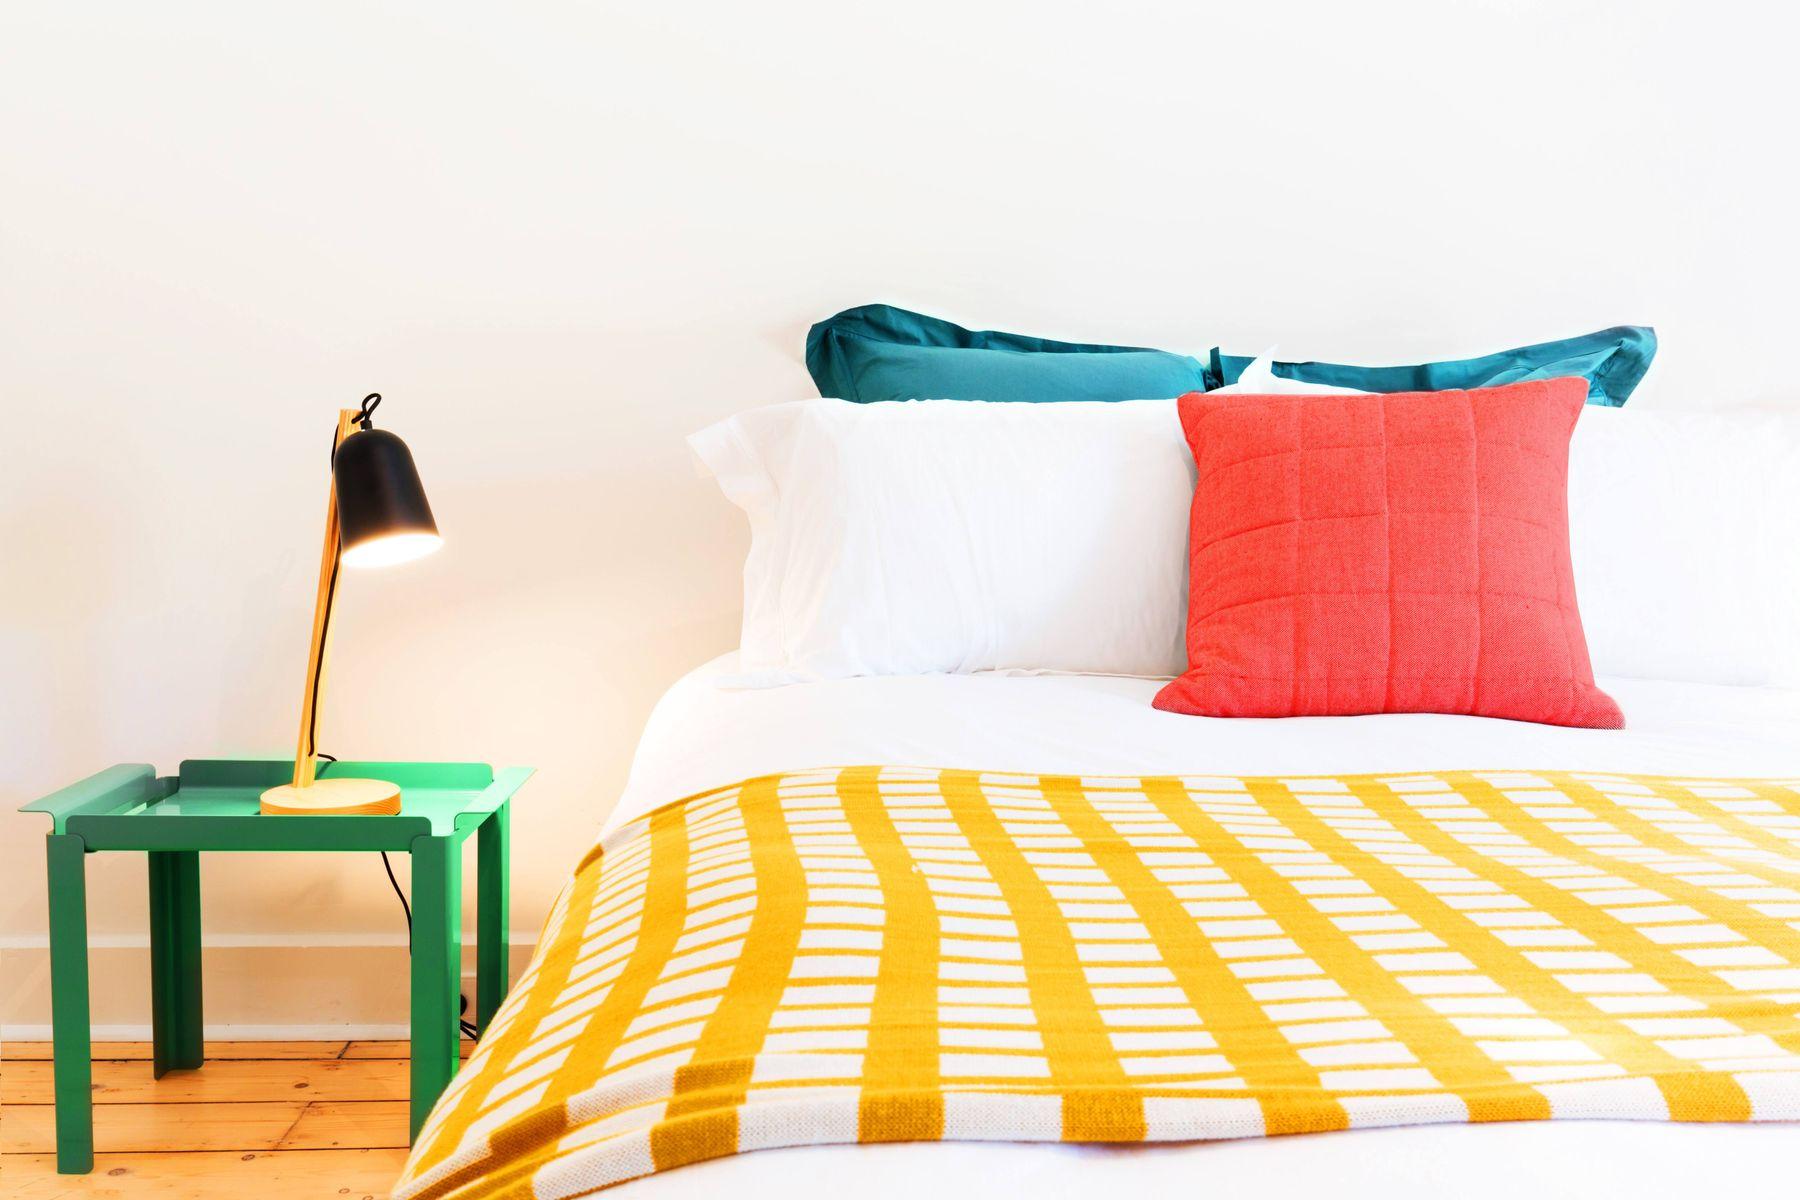 siisti sänky keltaisilla ja valkoisilla viltteillä makuuhuoneessa